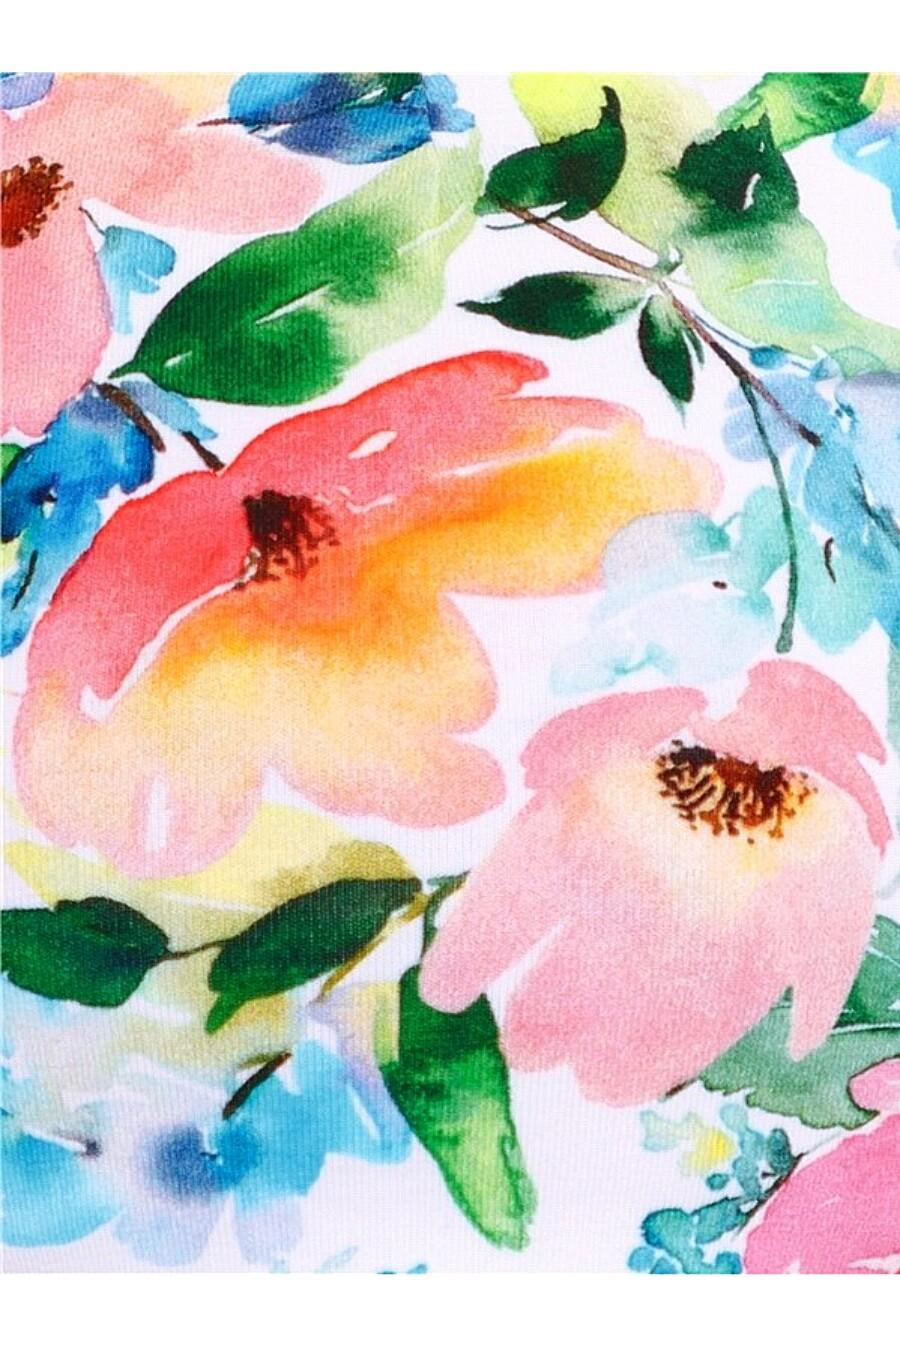 Шапка для девочек Archi 334886 купить оптом от производителя. Совместная покупка детской одежды в OptMoyo